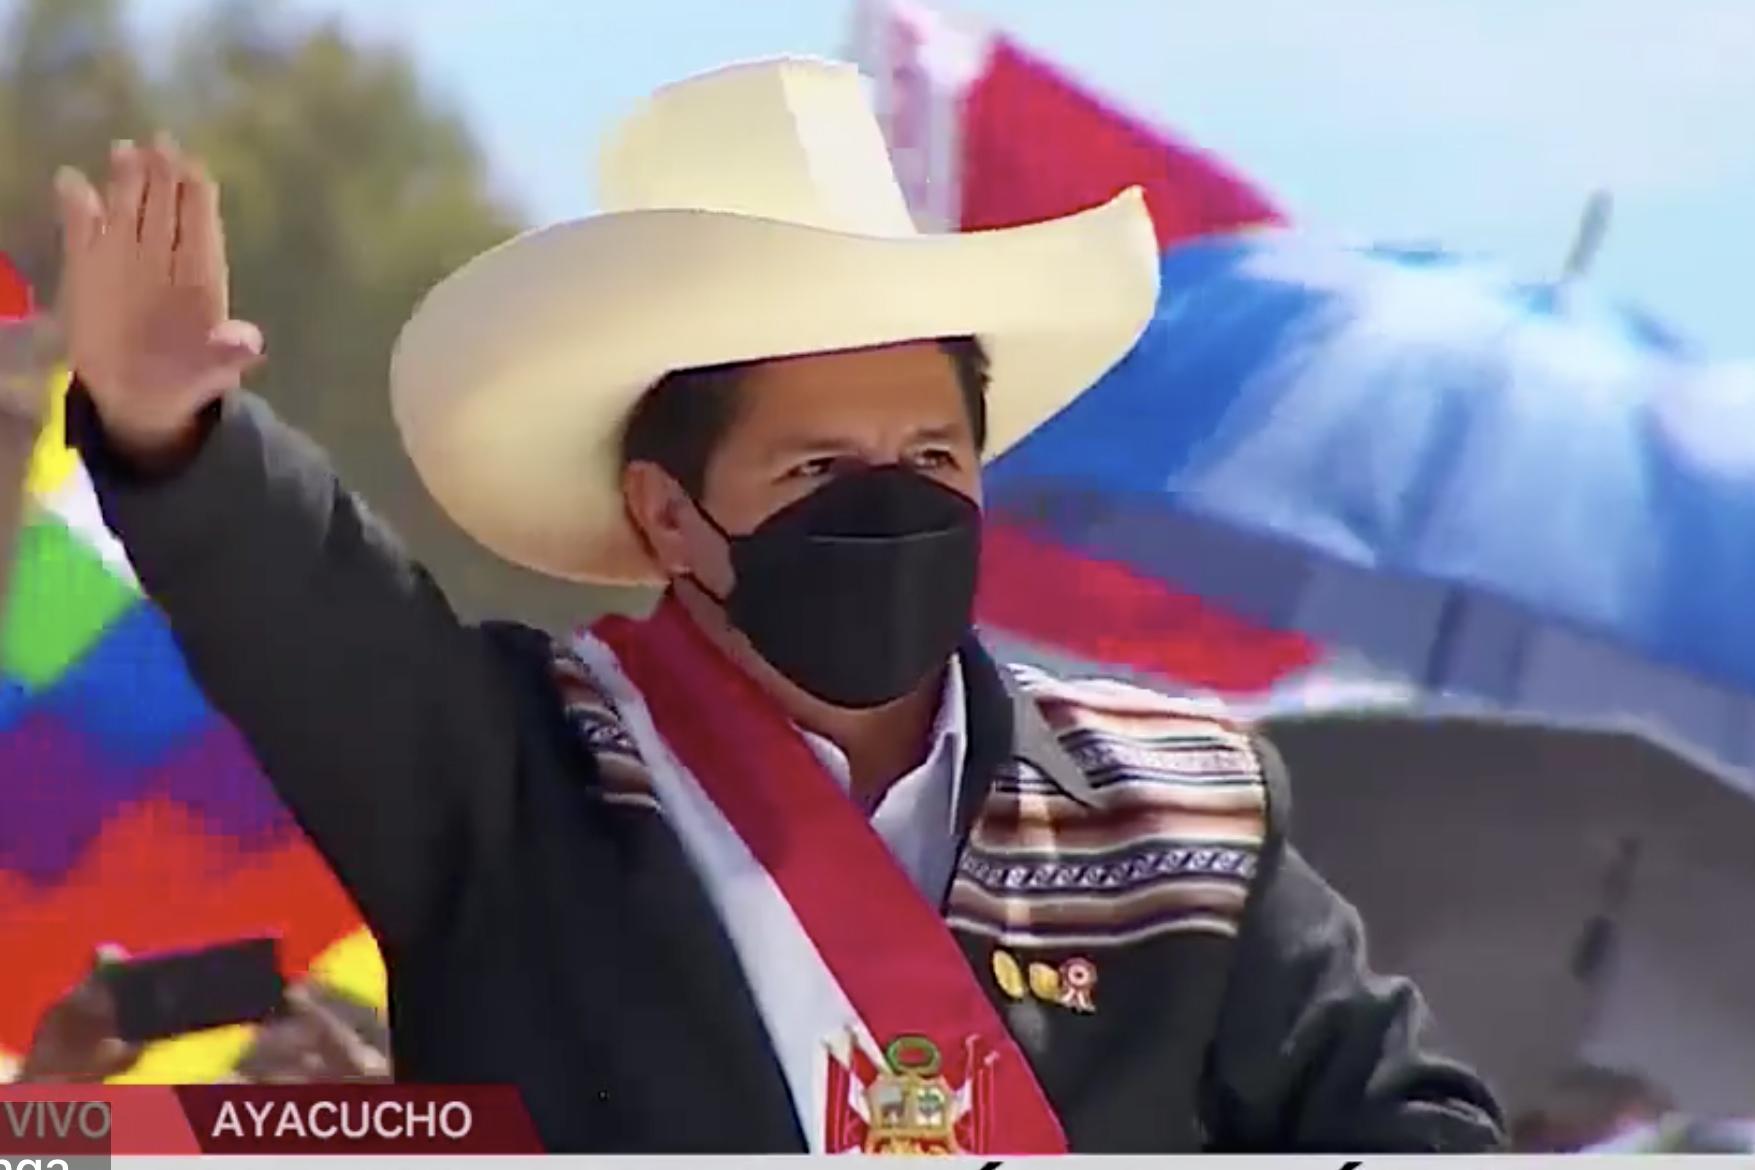 Presidente Castillo llega a Santuario histórico de la Pampa de Ayacucho